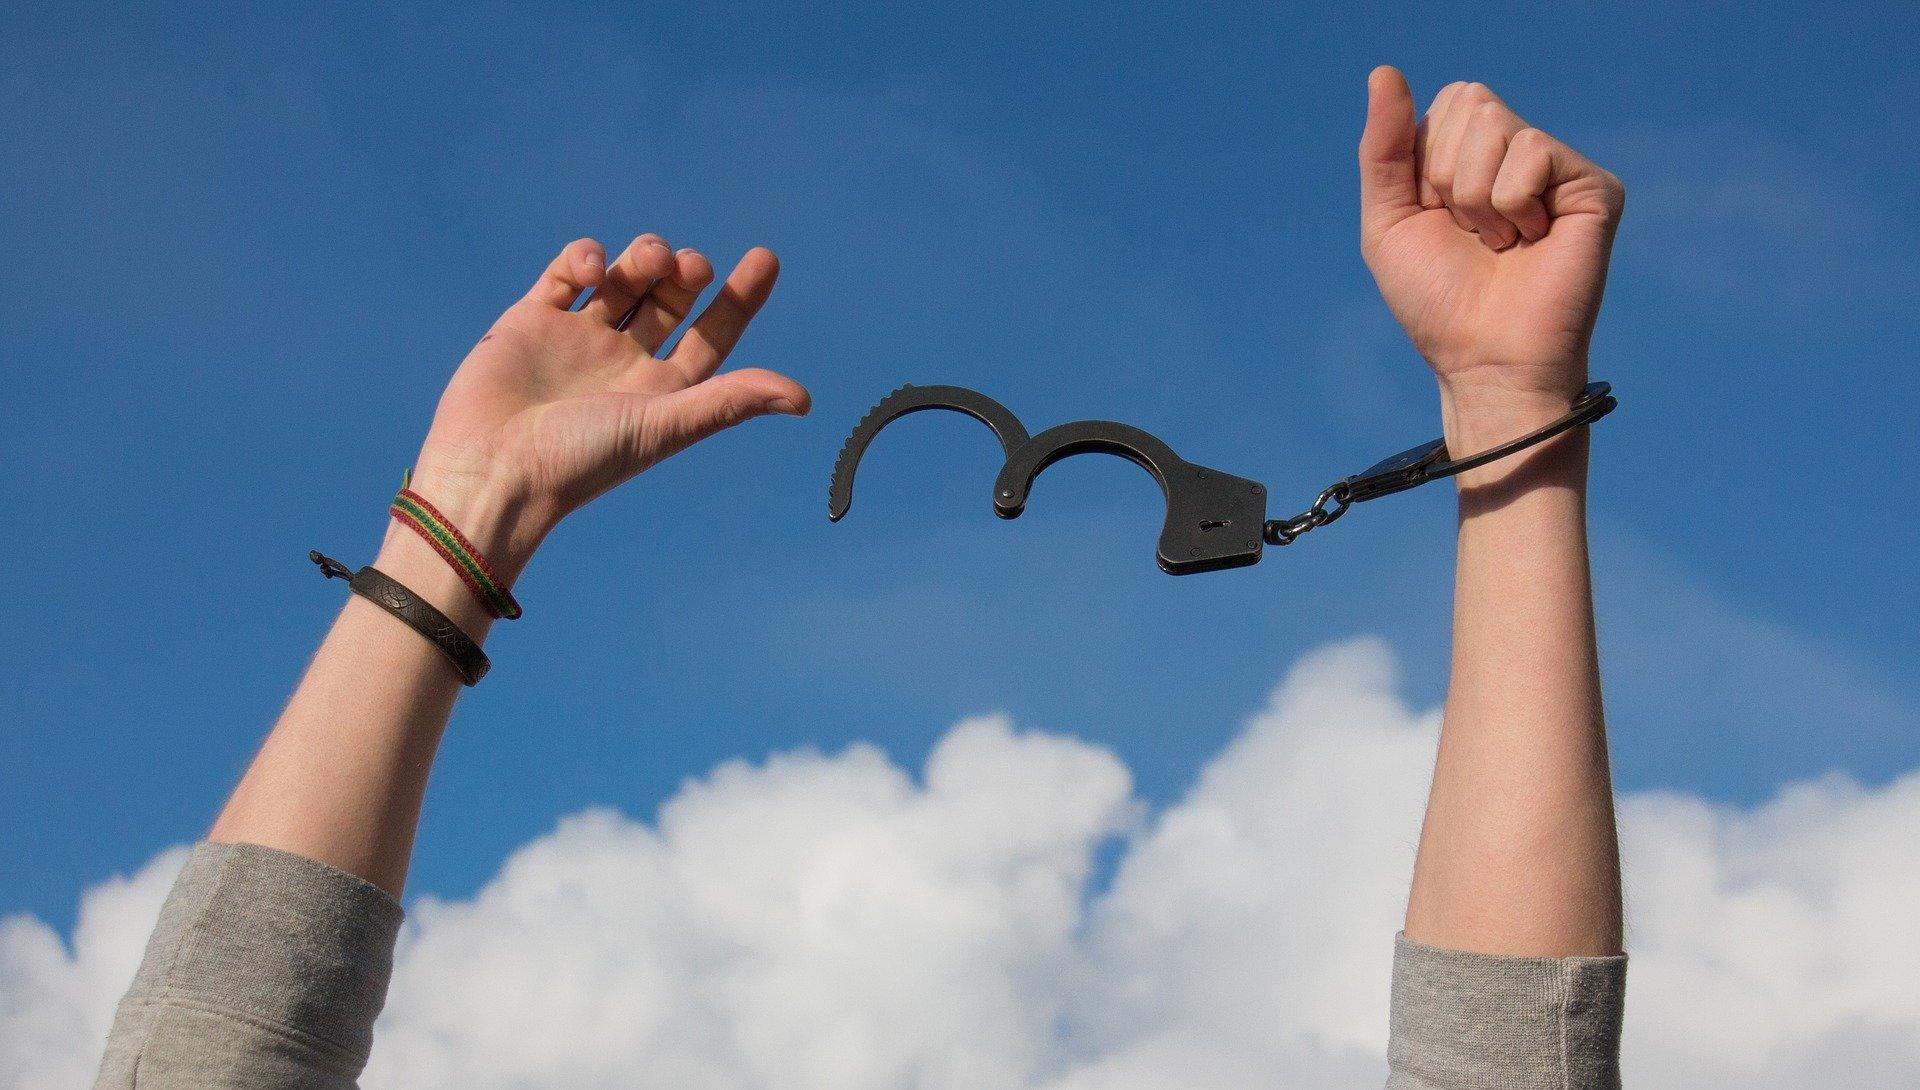 obrazek przedstawia młodego człowieka rozrywającego kajdanki